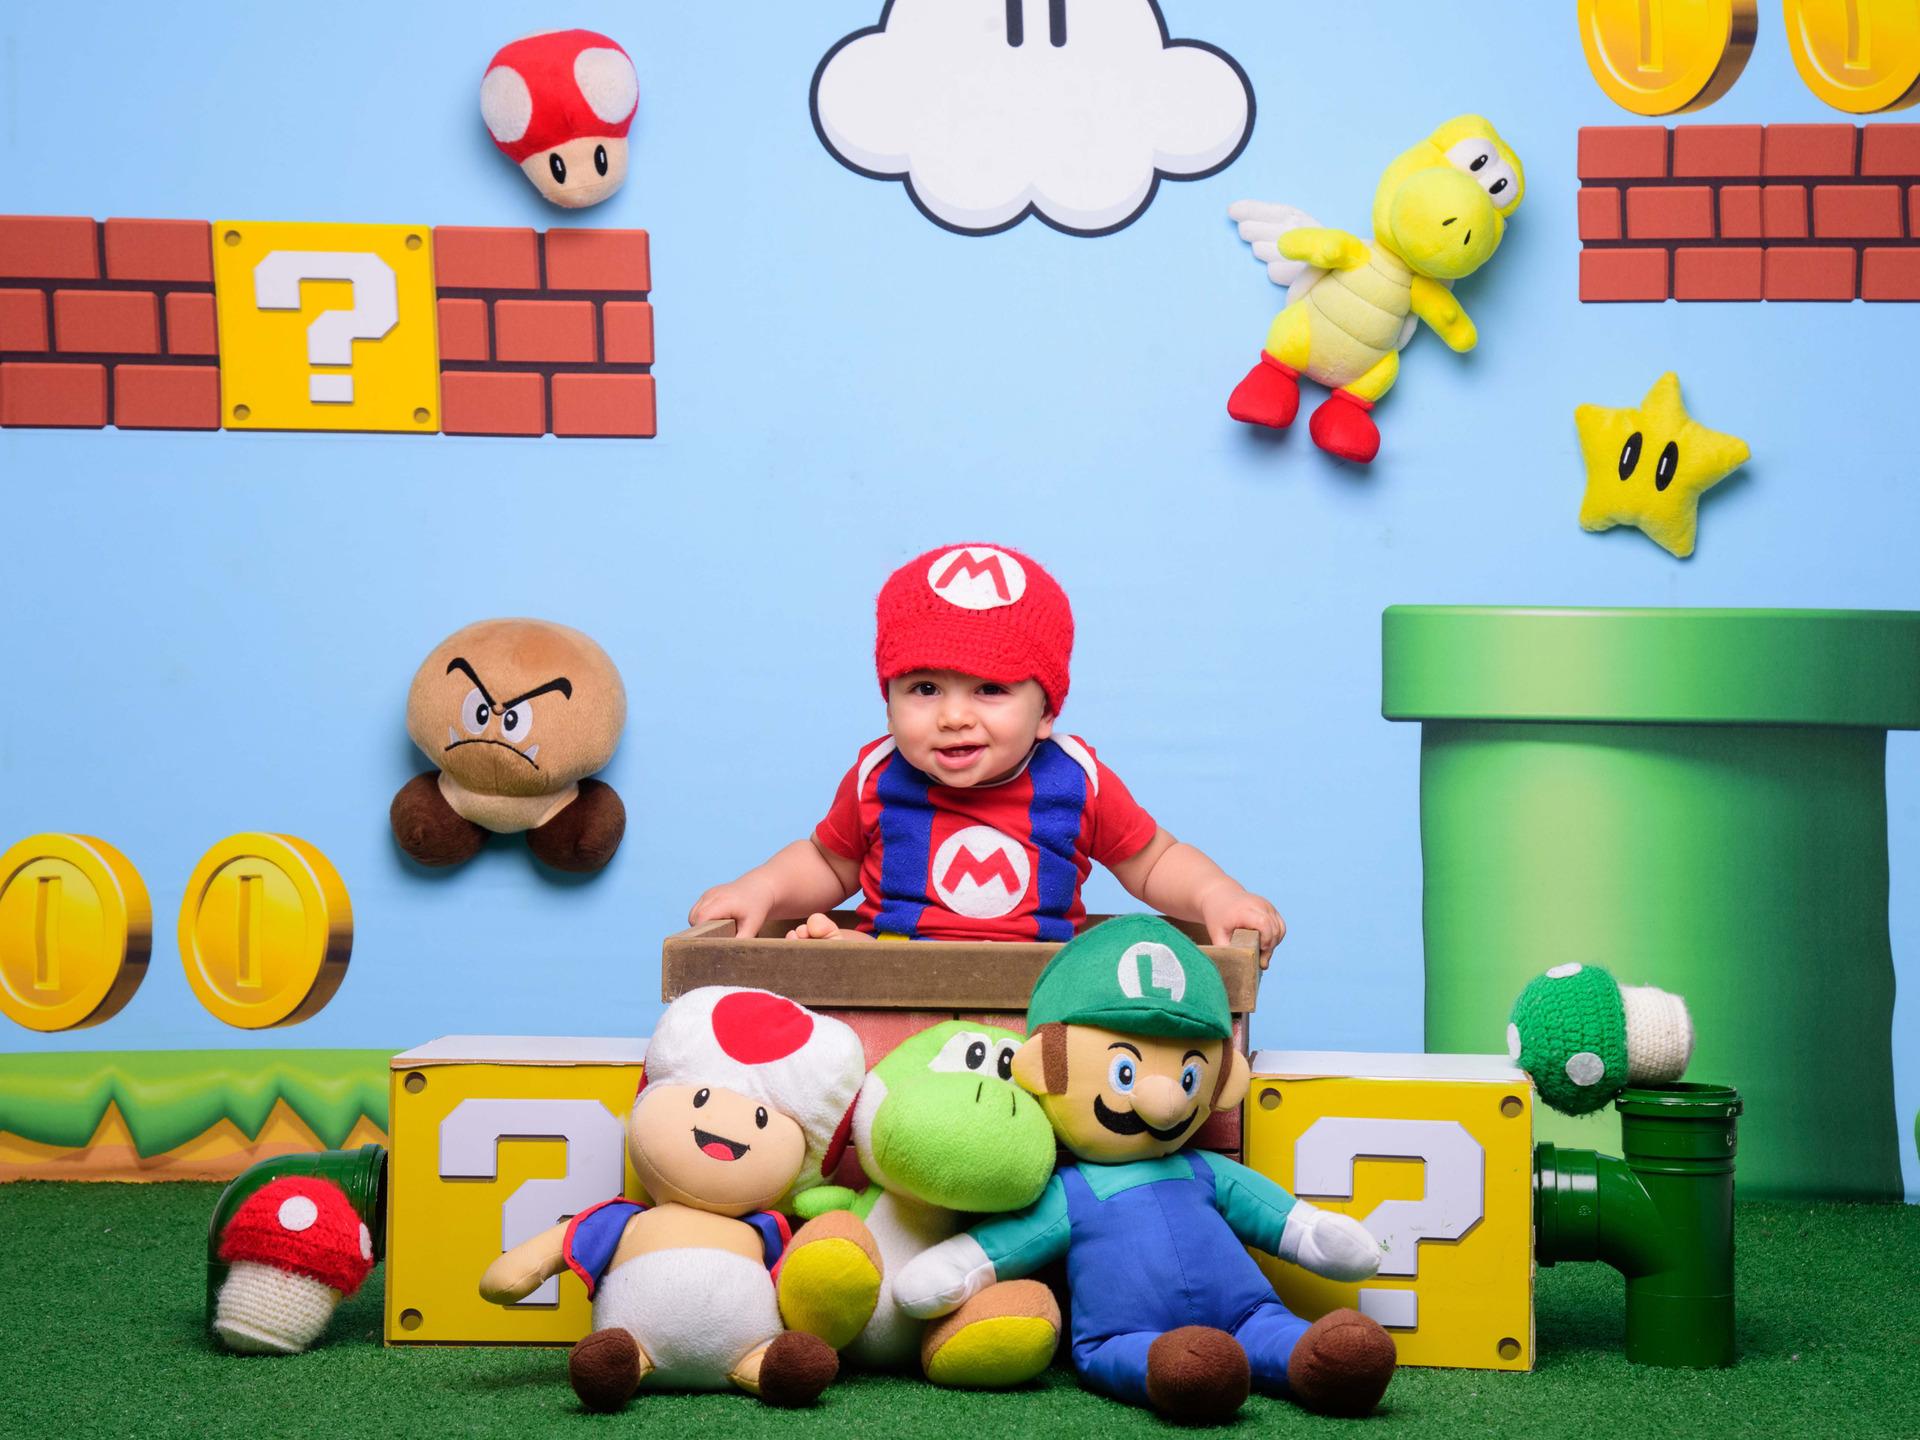 inspiração ensaio bebês, bebês fofos, Super Mario, Princesa Peach, Luigi, Bowser, Yoshi, Toad, sessão de fotos temática, fotos mario bros, jogo super mario, bebê fantasiado, fantasia super mario, sessão super mario